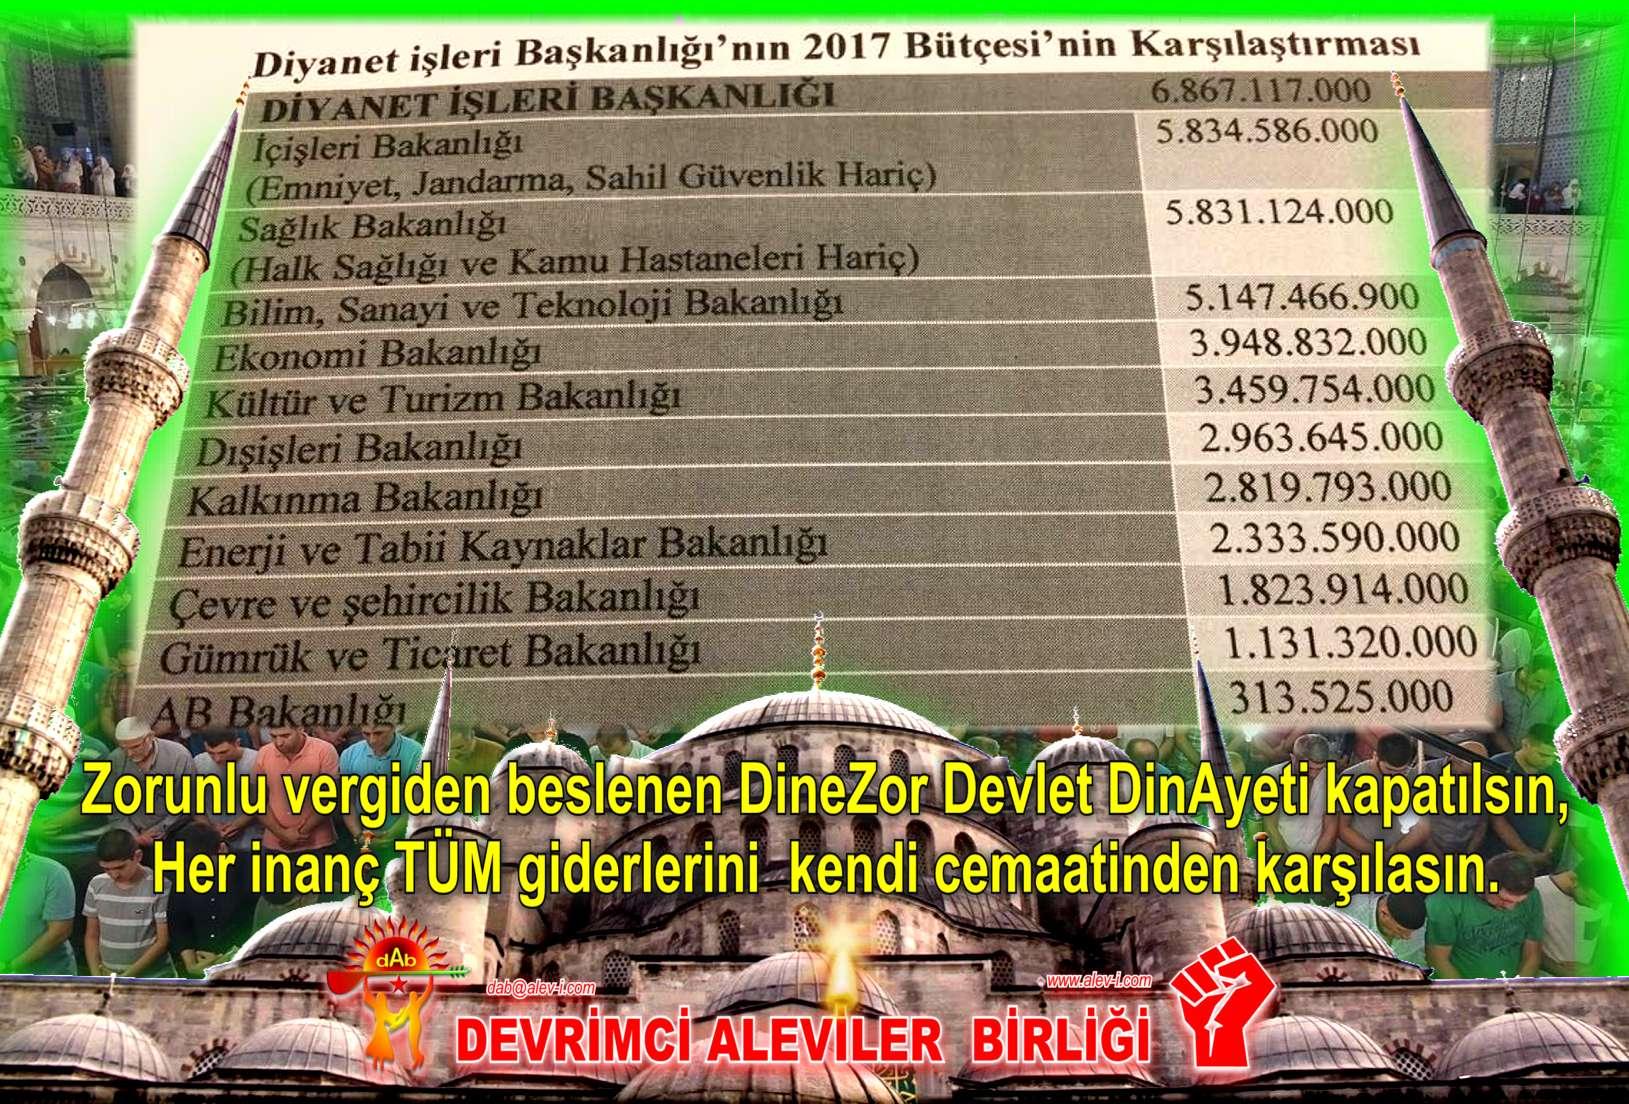 Devrimci Aleviler Birliği DAB Alevi Kızılbaş Bektaşi pir sultan cem hz Ali 12 imam semah Feramuz Şah Acar dinayet butcesi 2017x